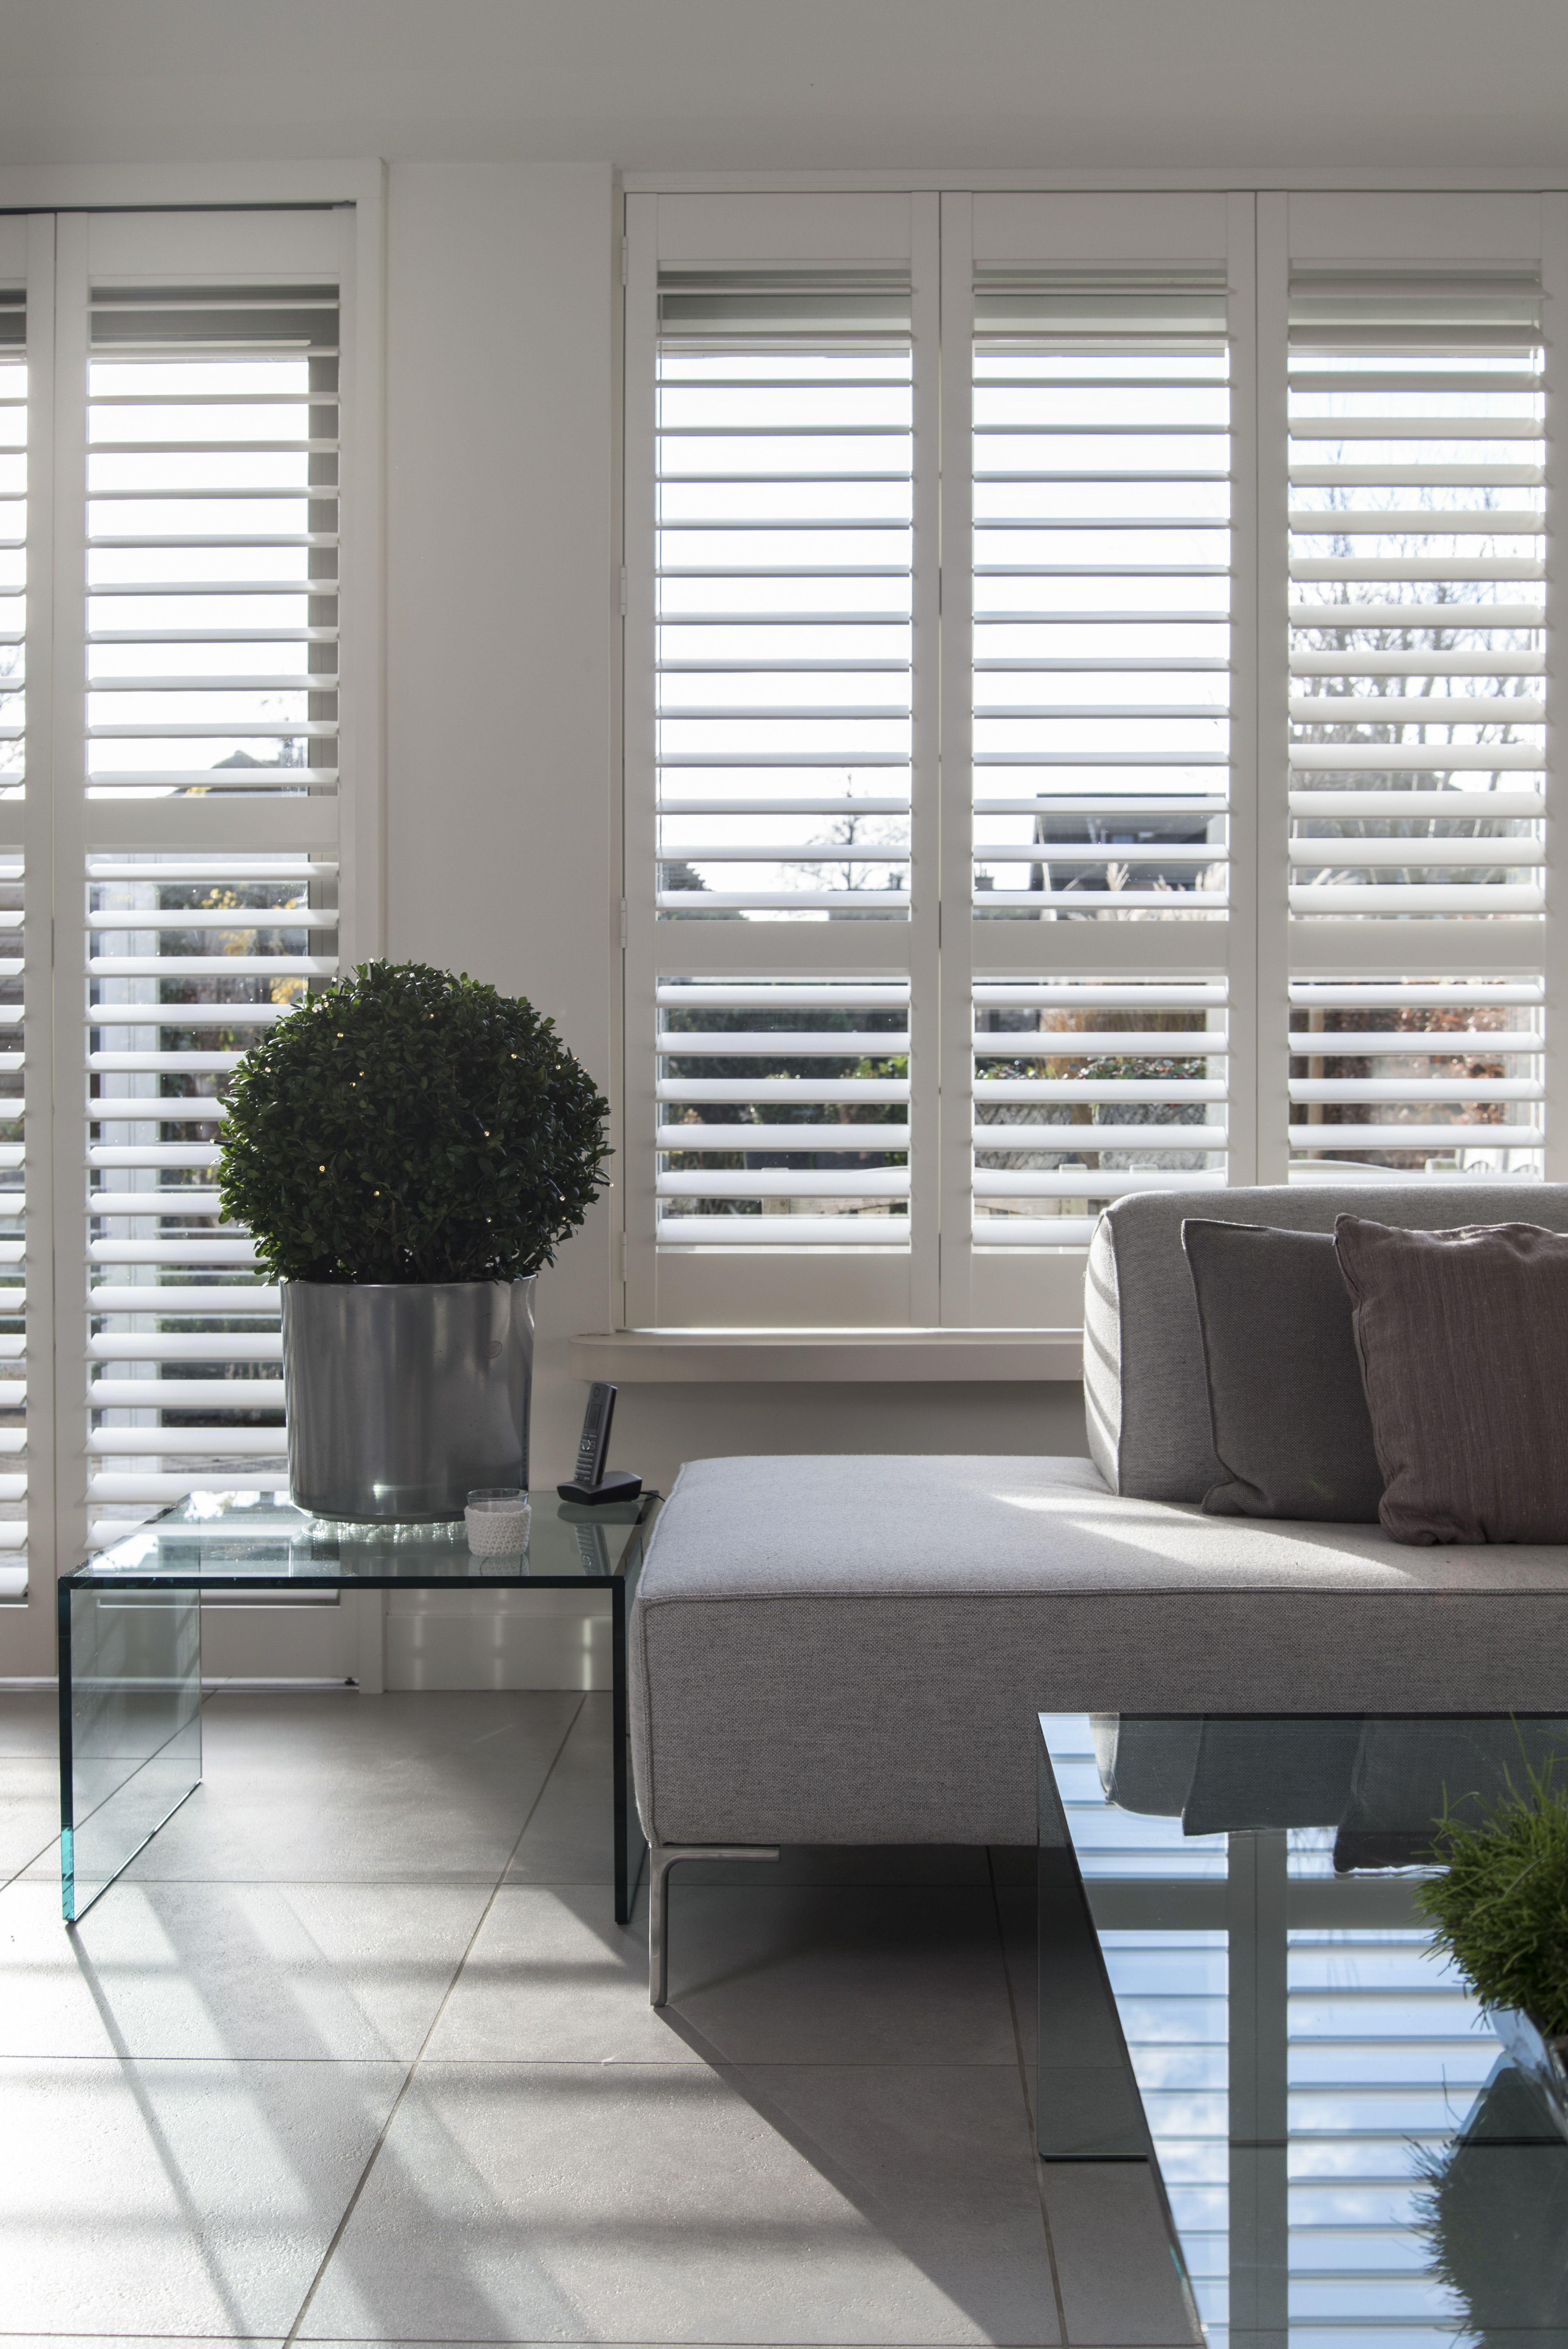 Bekend INHUIS Plaza | Witte houten shutters in een strak en modern TX95